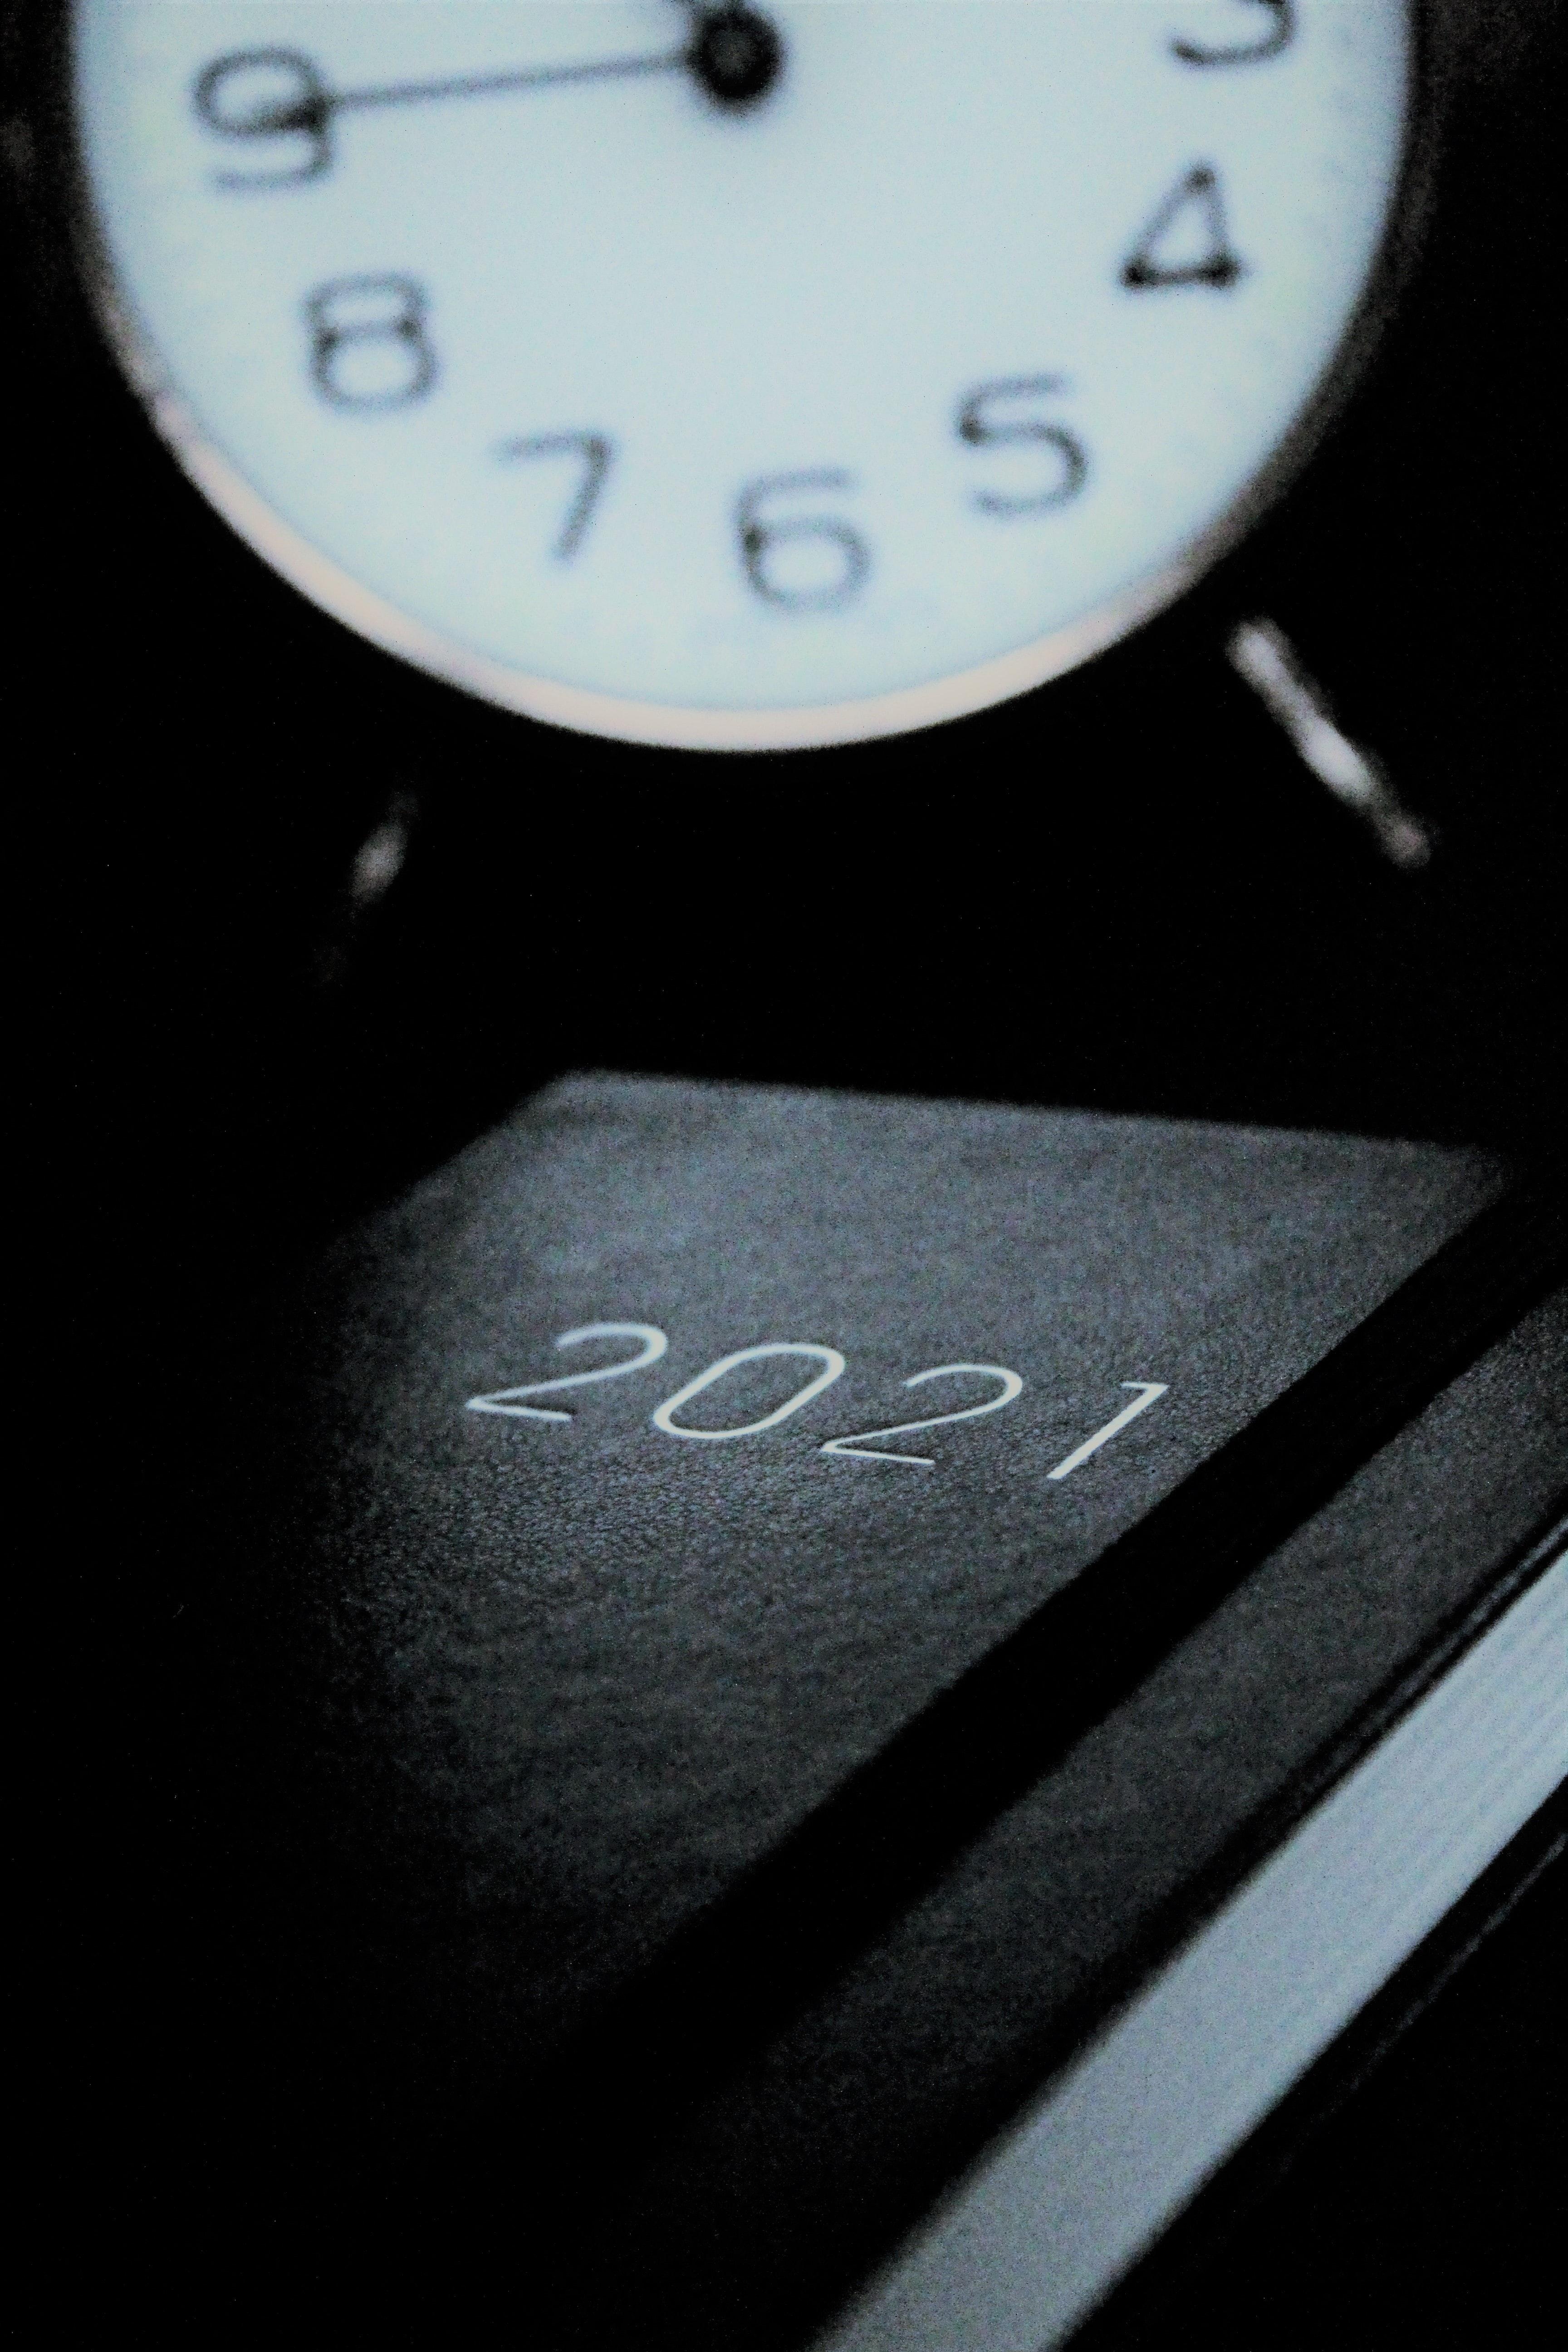 CapitalPanda | 3 rastové akcie k nákupu v druhej polovici roka 2021